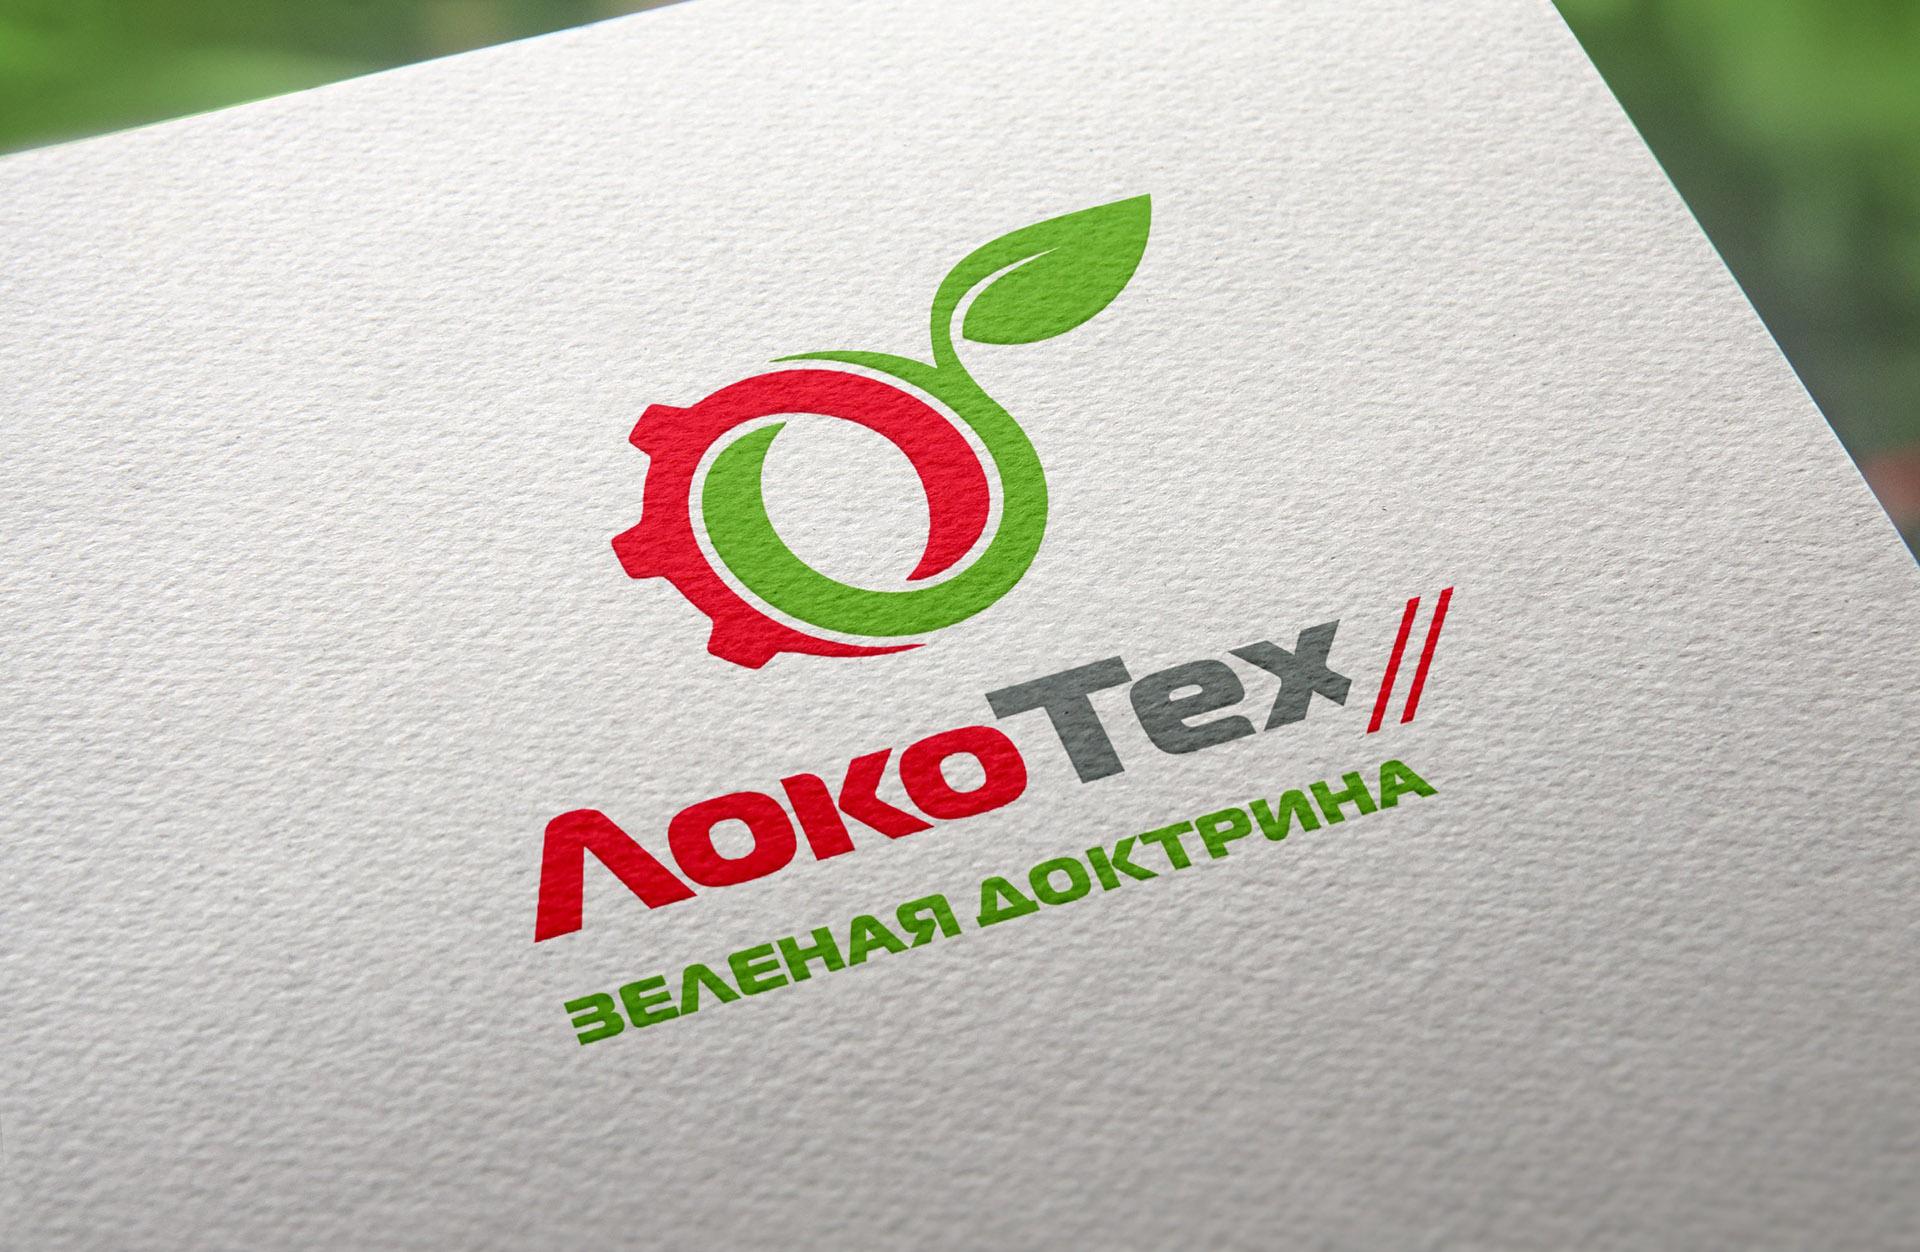 Дизайн логотипа железнодорожного предприятия